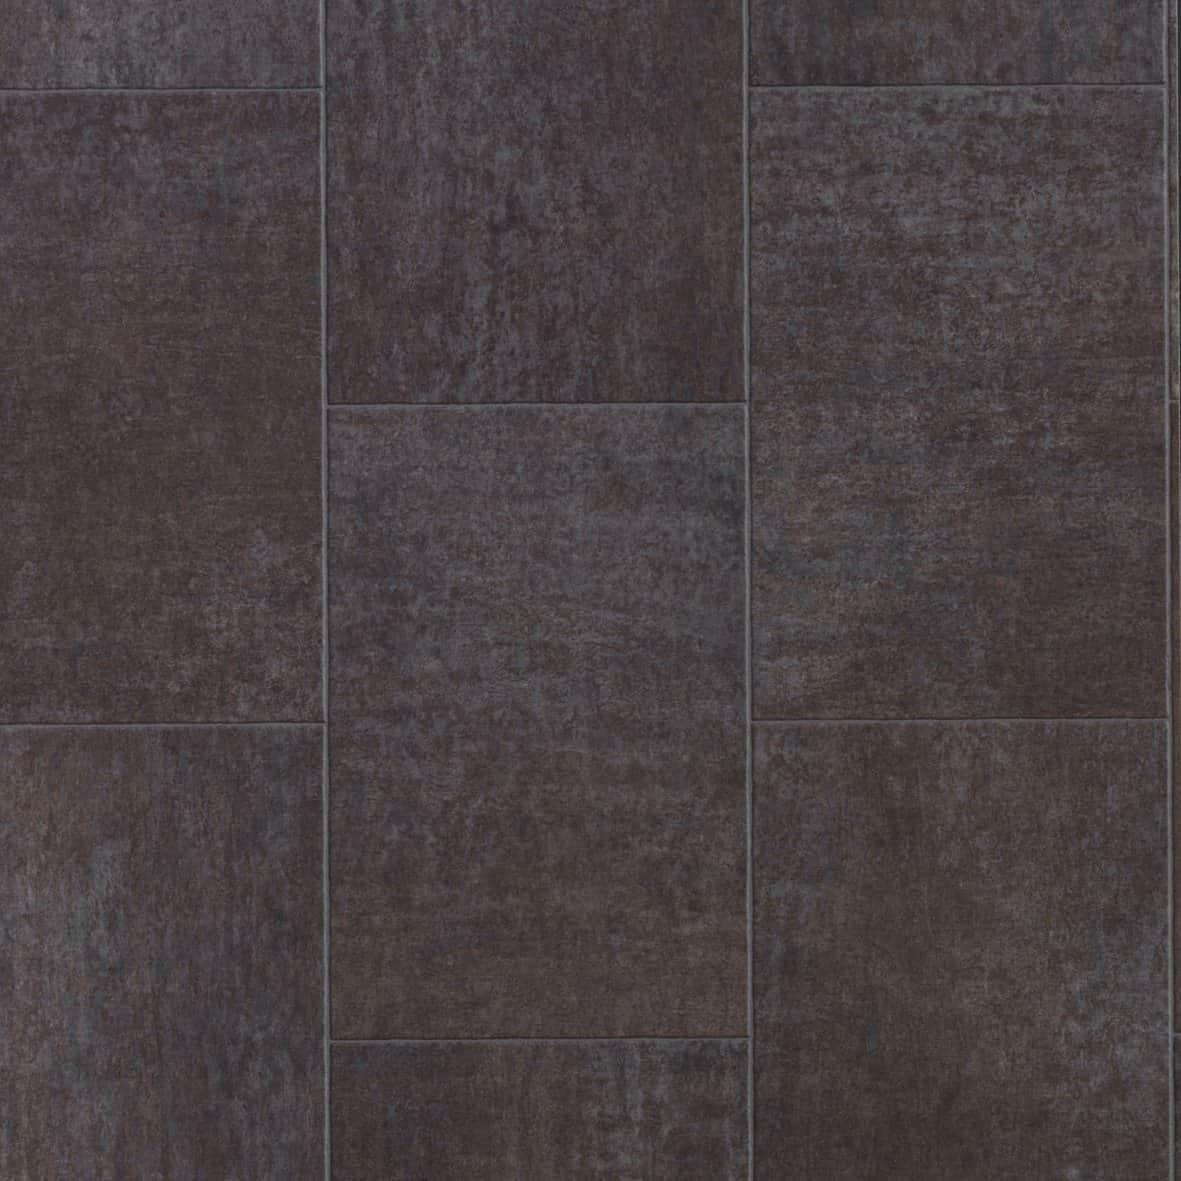 Flotex Carpet Tiles Decoration 1 Contemporary Tile